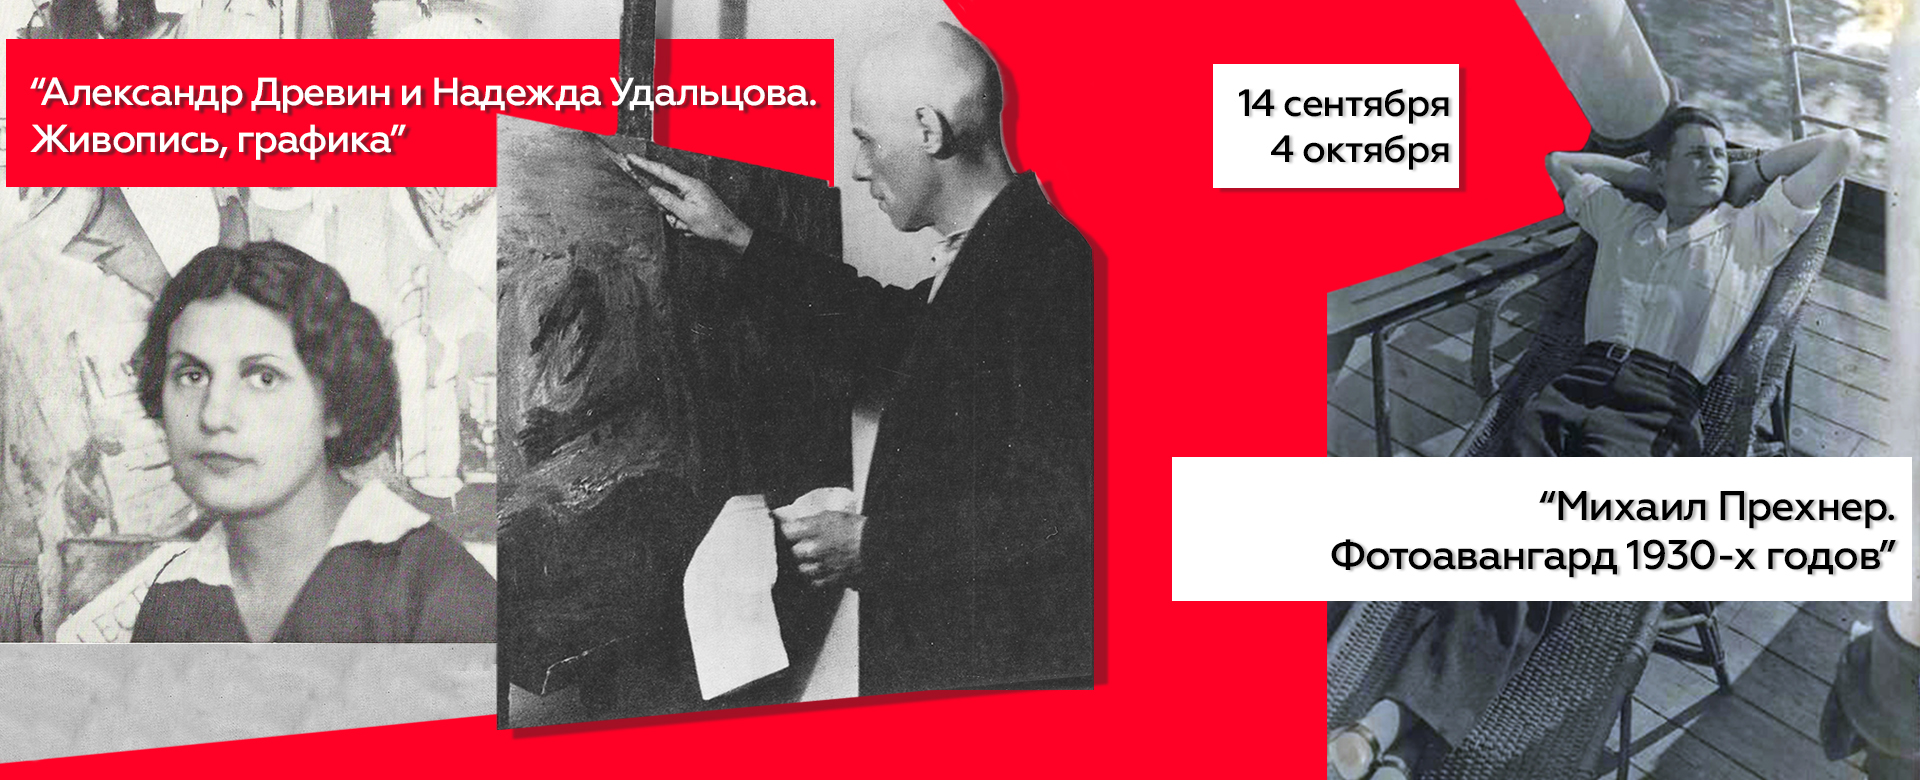 Выставки Платоновского фестиваля